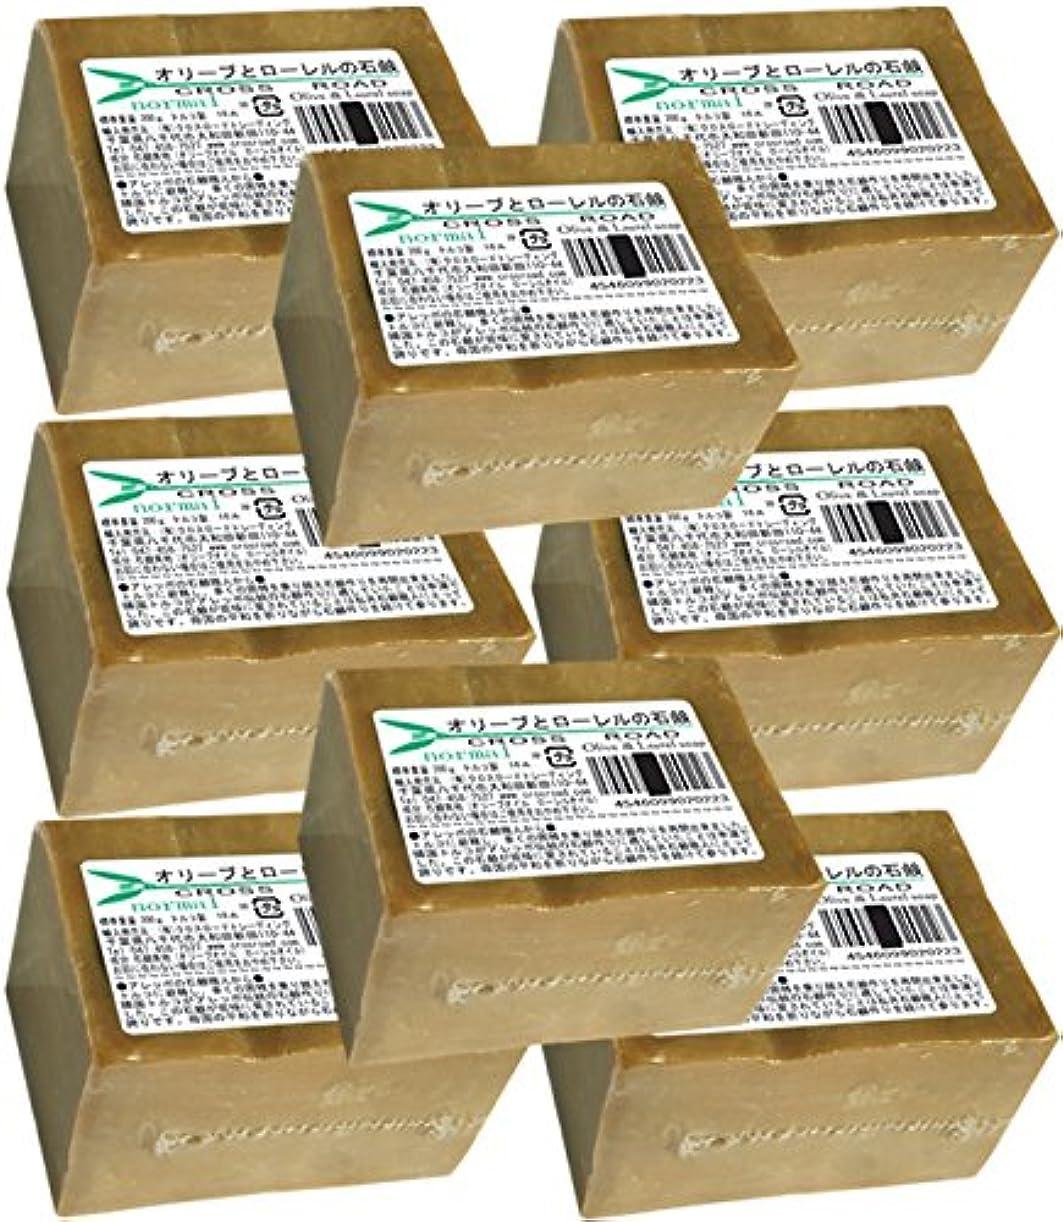 任命する修士号髄オリーブとローレルの石鹸(ノーマル)8個セット[並行輸入品]